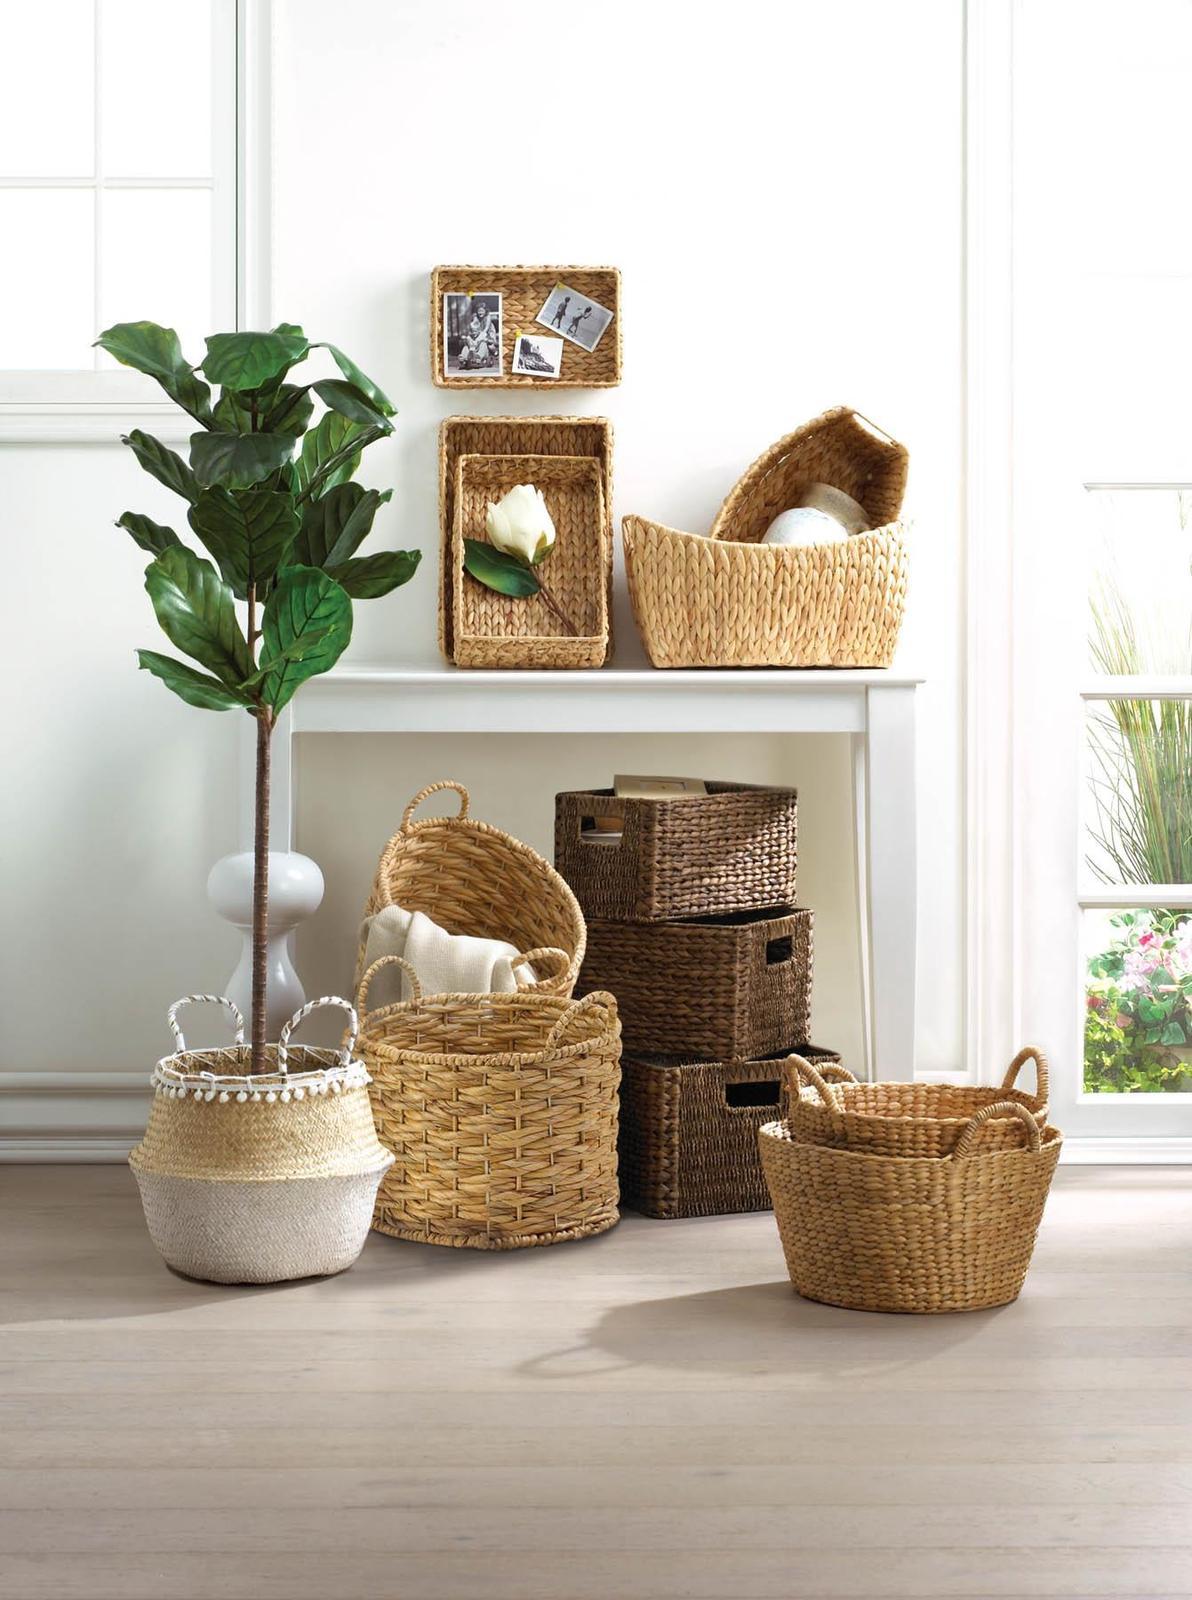 3 Piece Wicker Tray Baskets